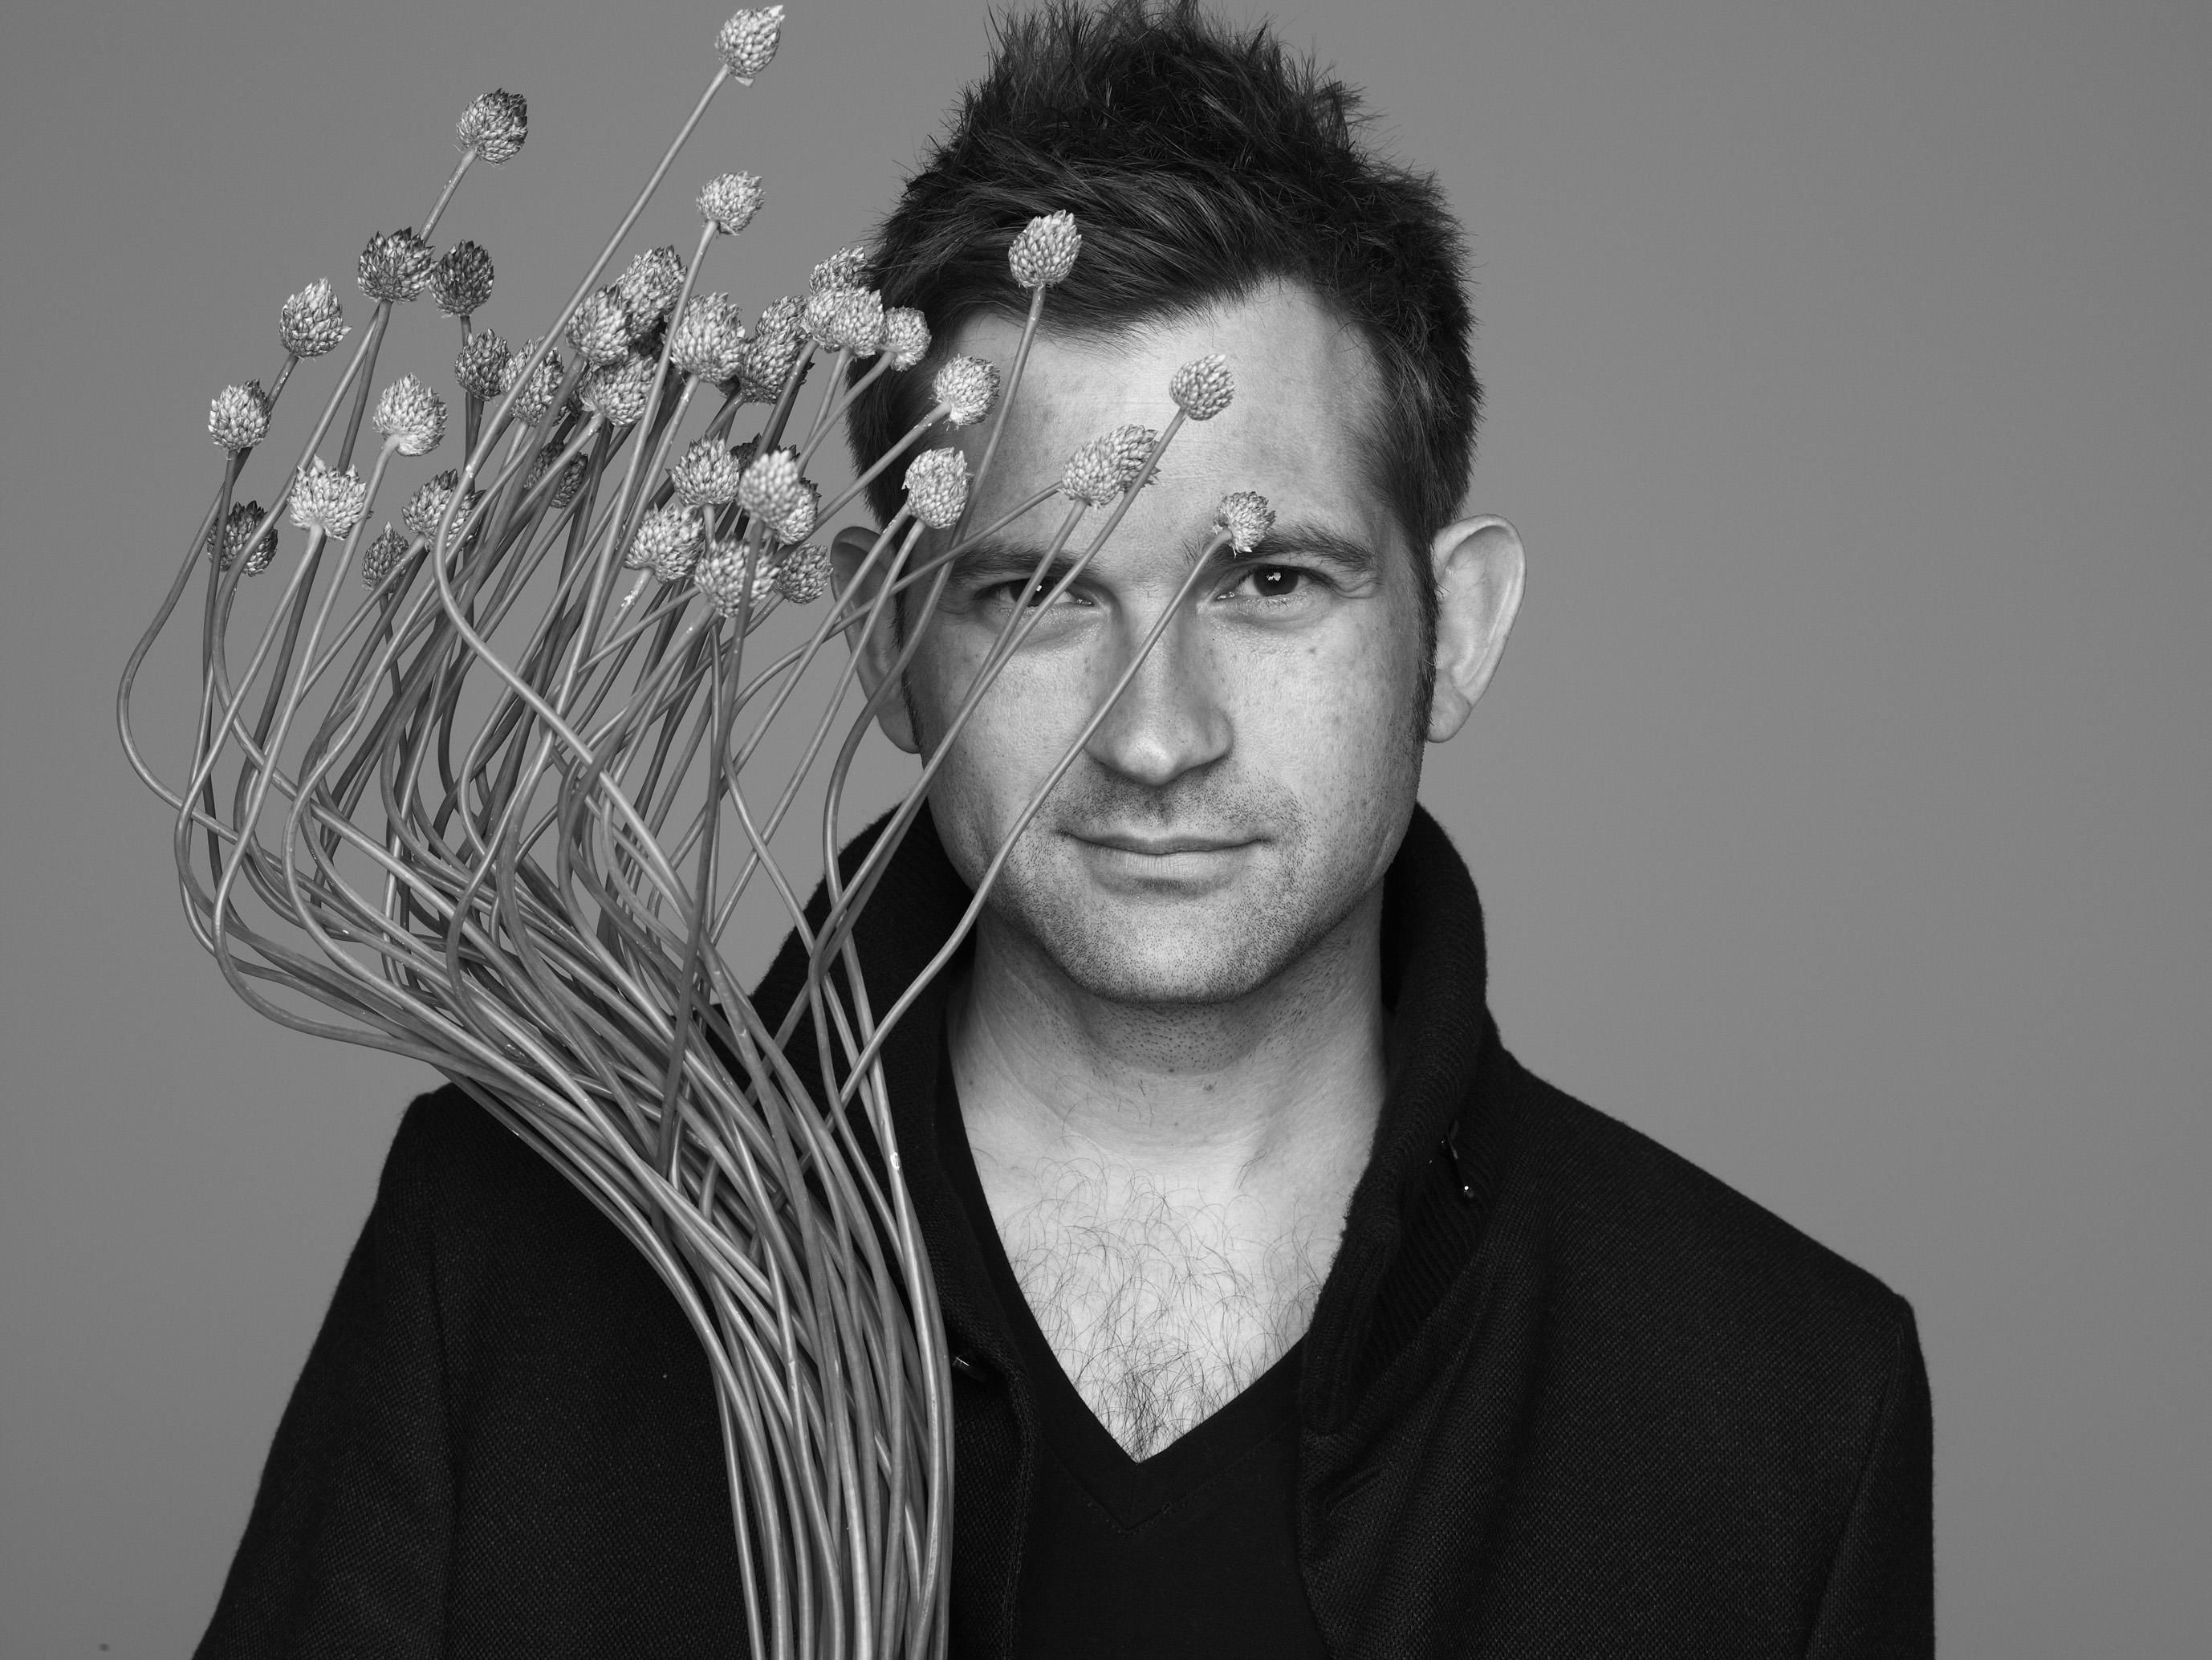 [招待券プレゼント]フラワー・アーティスト ニコライ・バーグマンとデンマークのモダンアート展が4/13よりスタート<応募締切4/10>